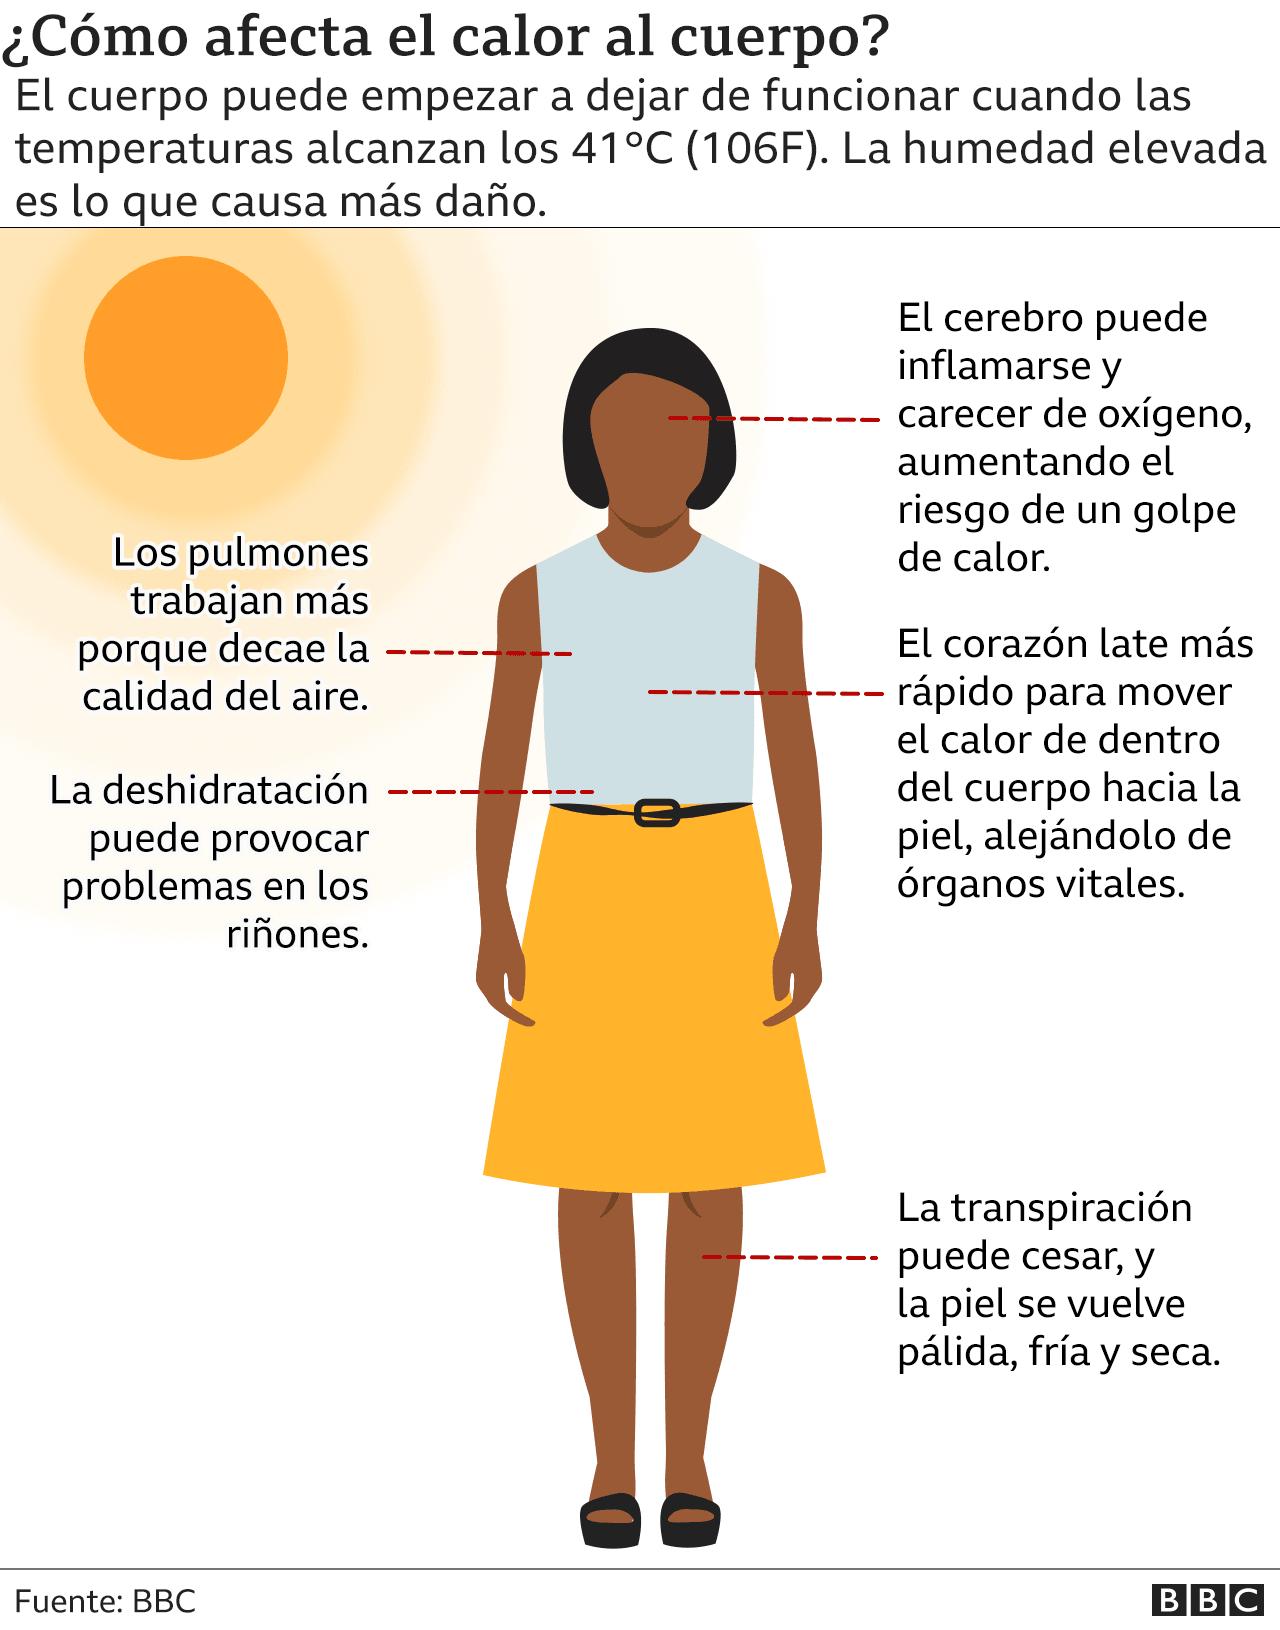 Gráfico sobre el impacto del calor en el cuerpo.